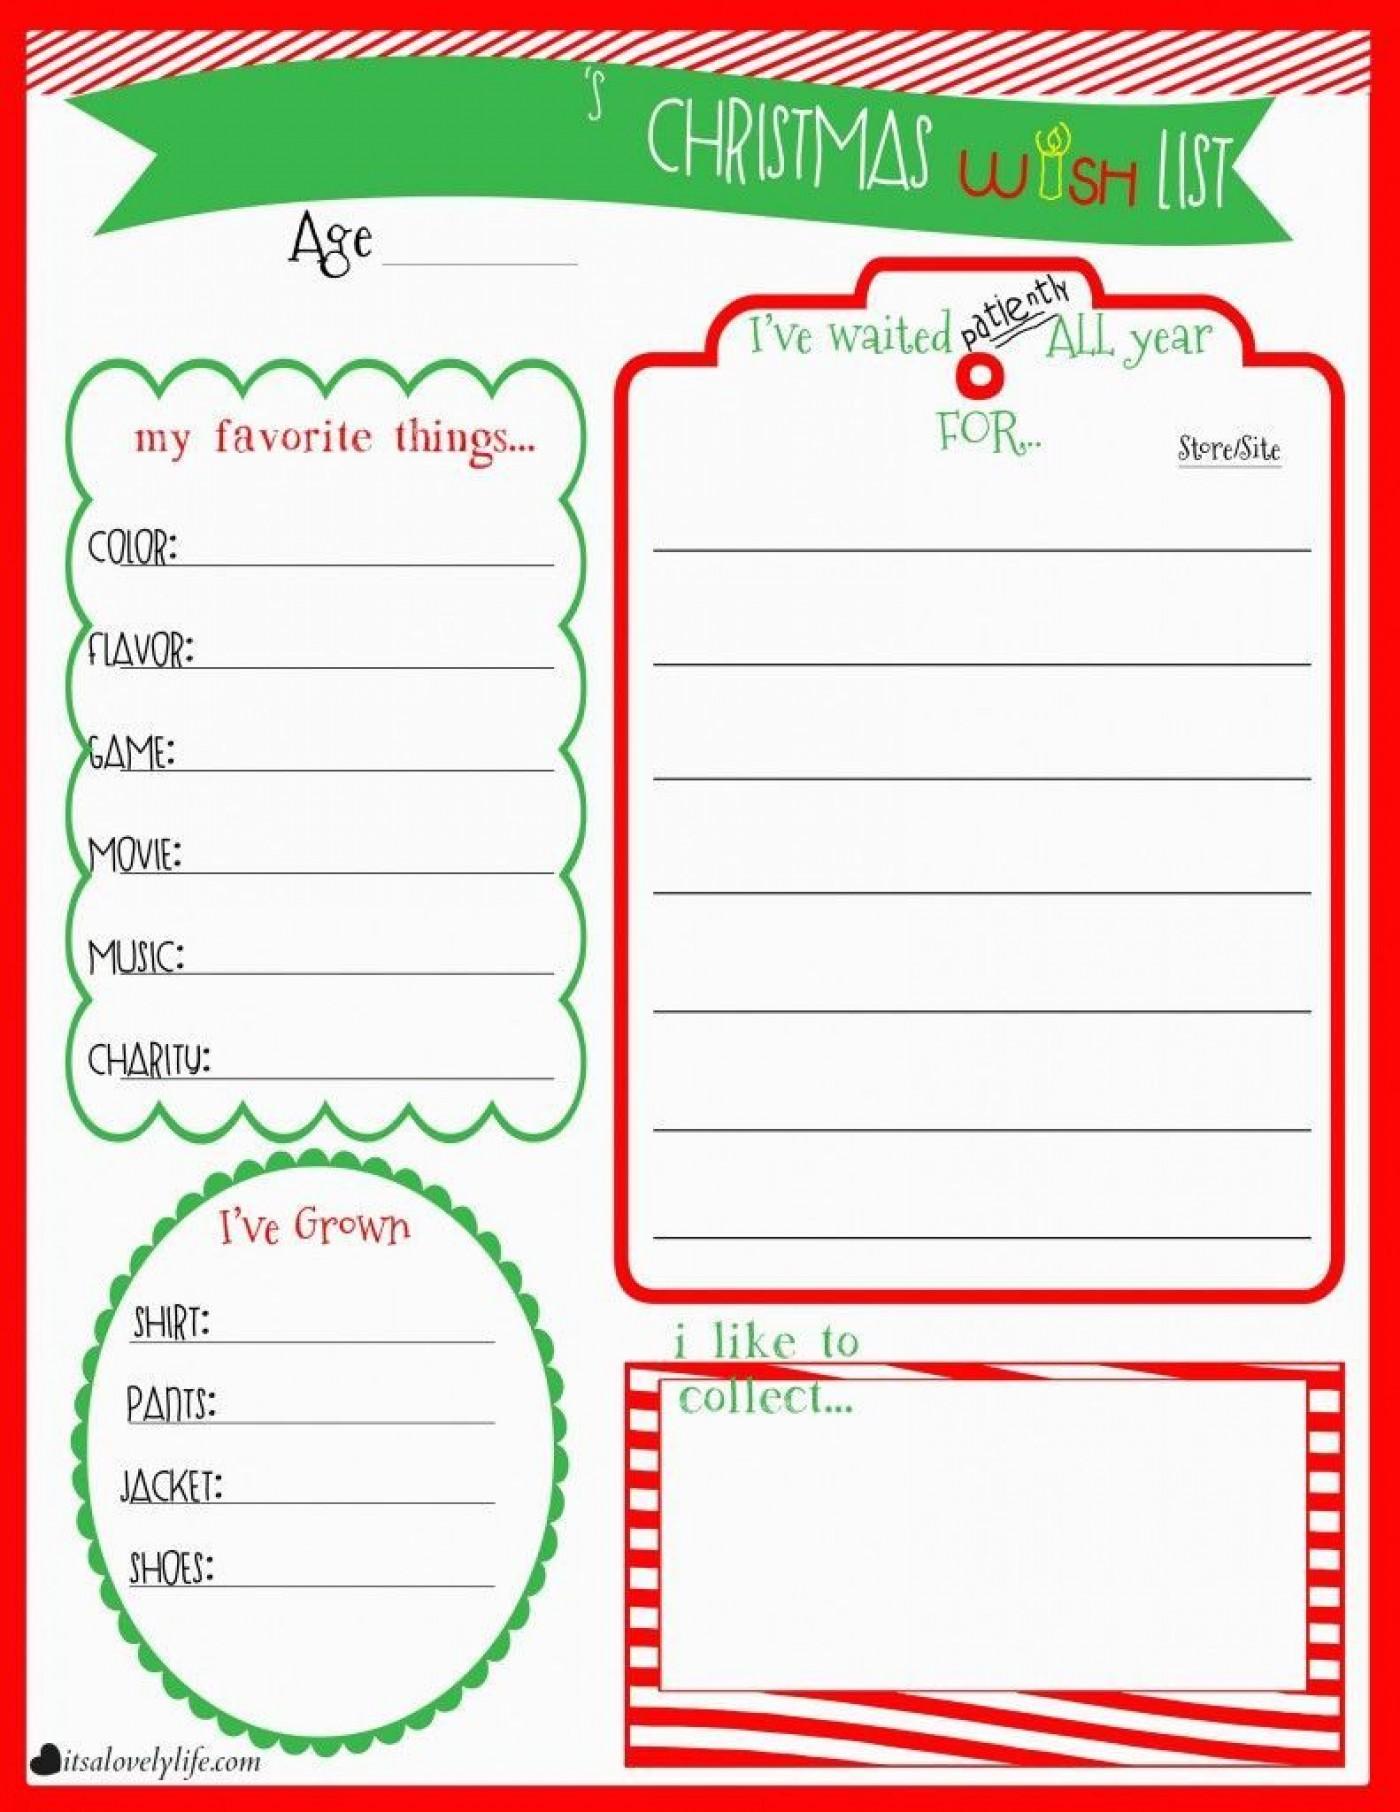 004 Unusual Printable Wish List Template Photo  Santa Free Secret1400